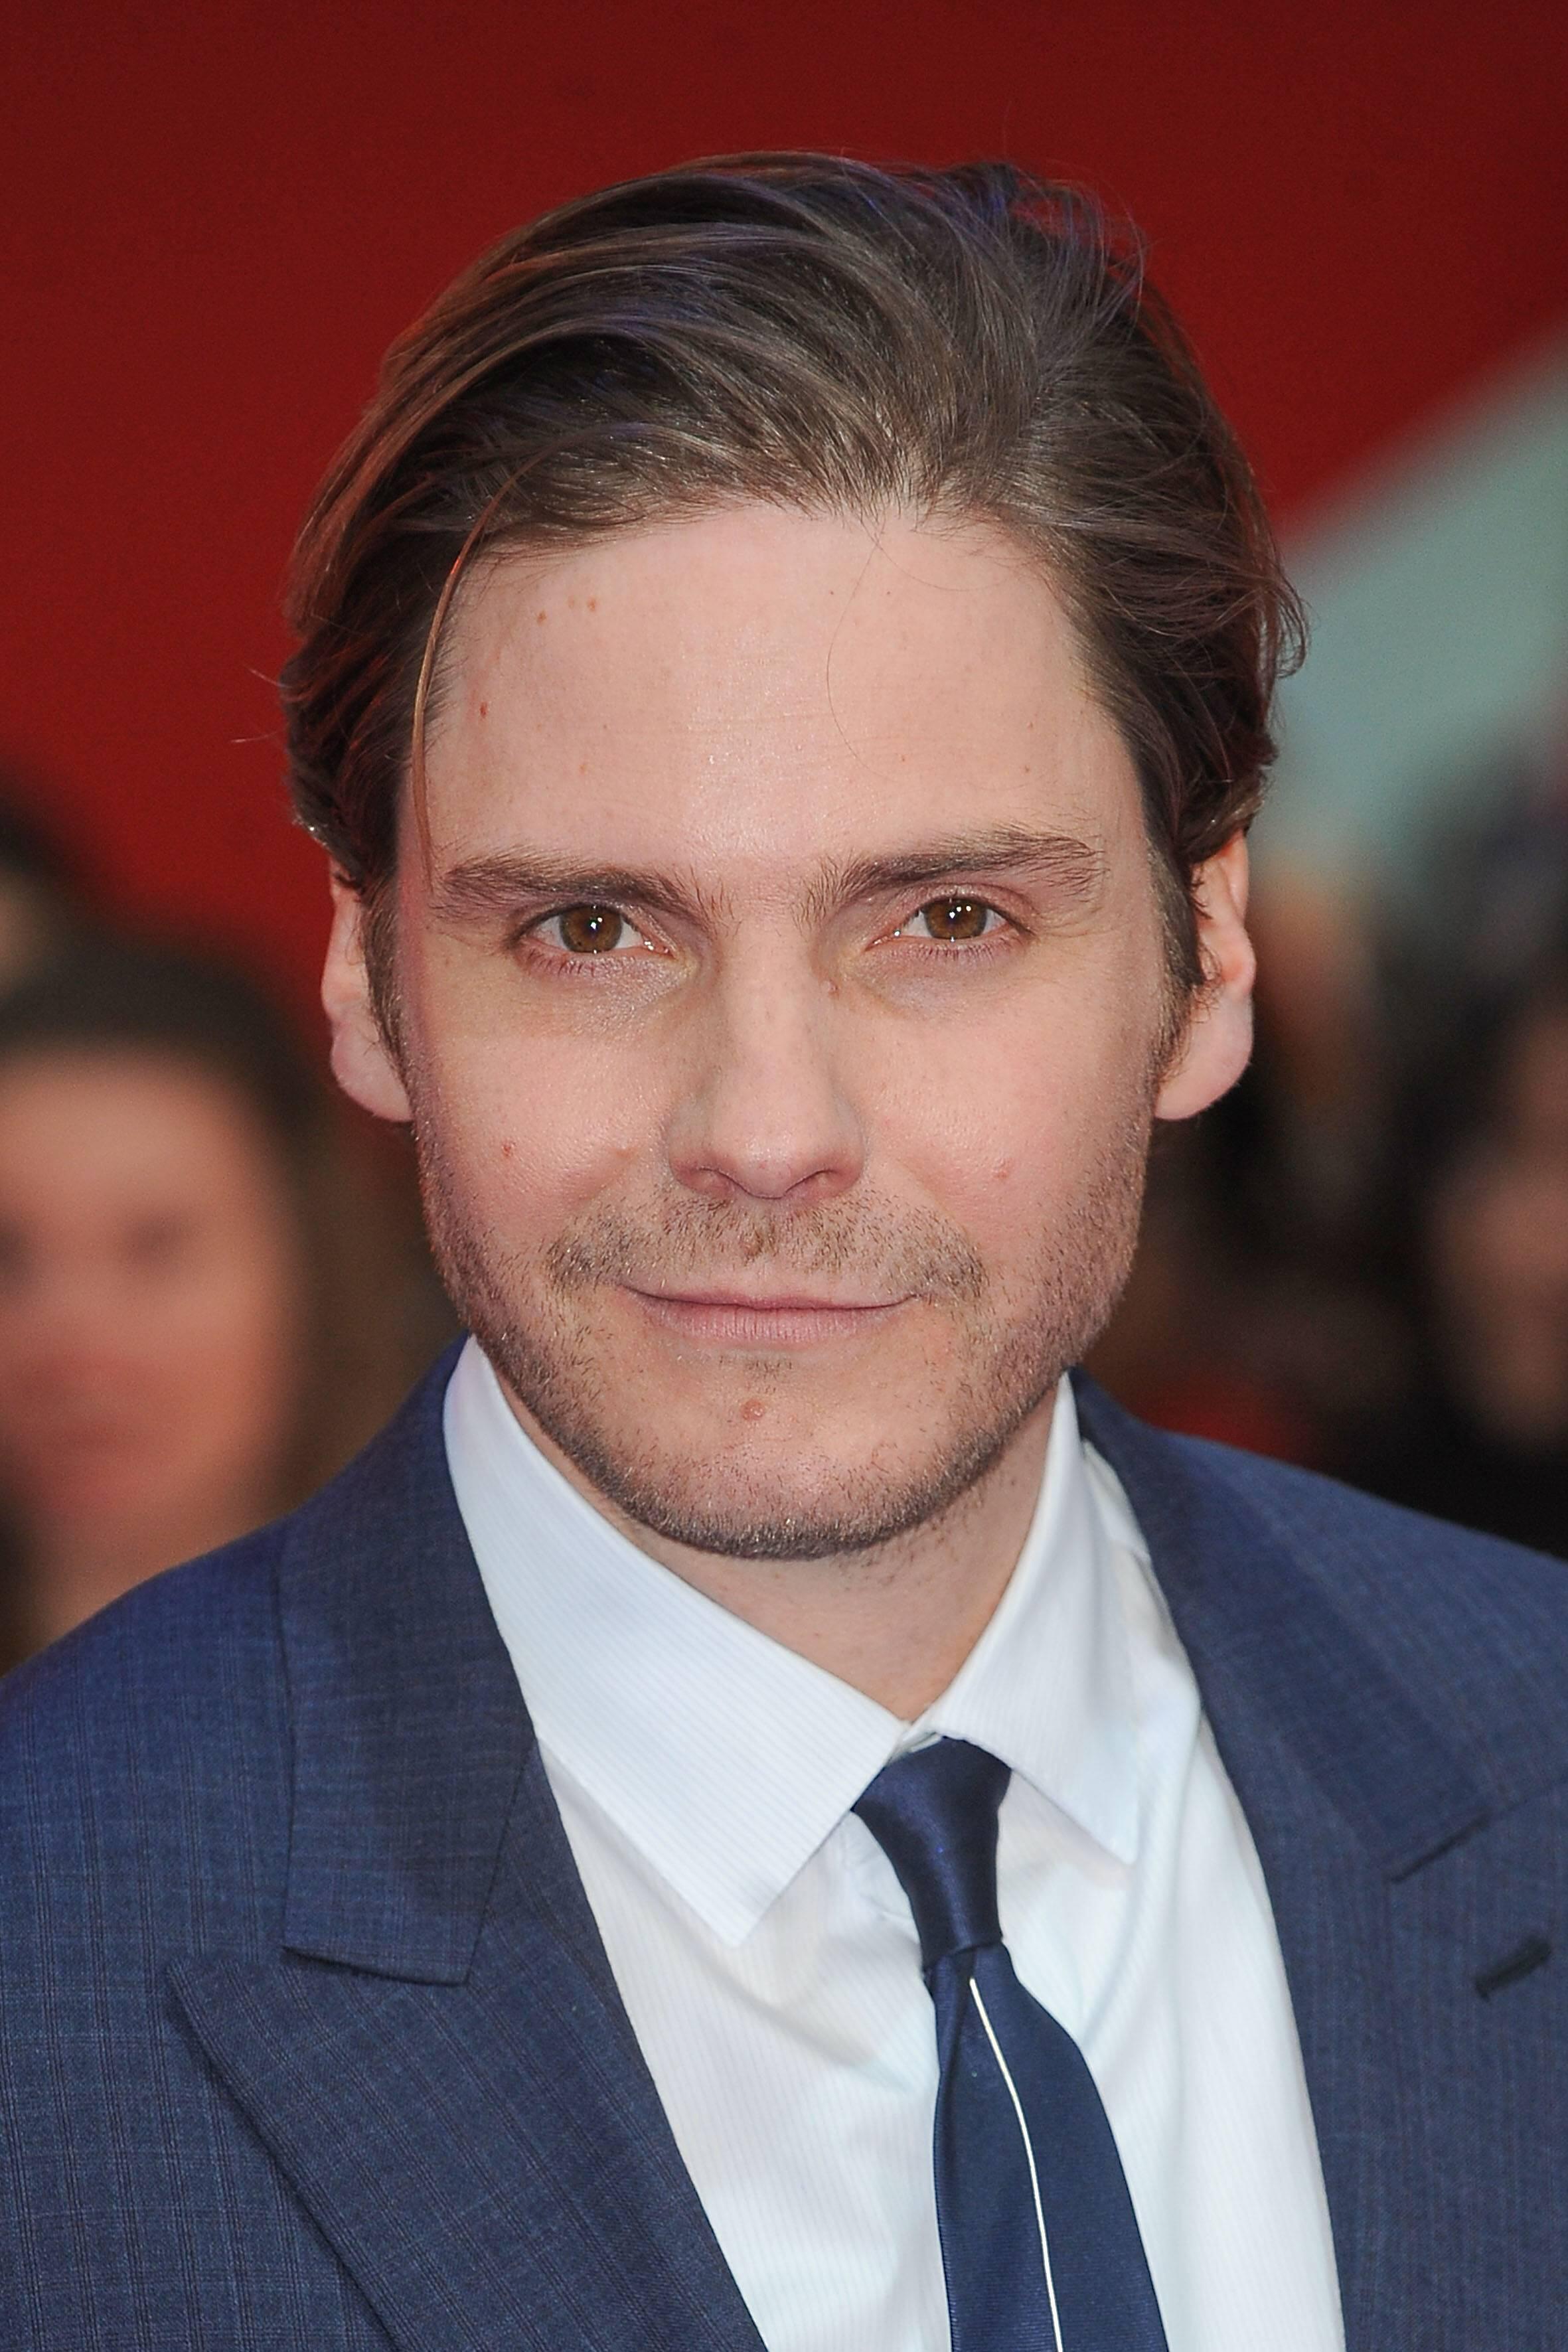 Daniel Brühl bekommt Hauptrolle in US-Thrillerserie | GMX.AT